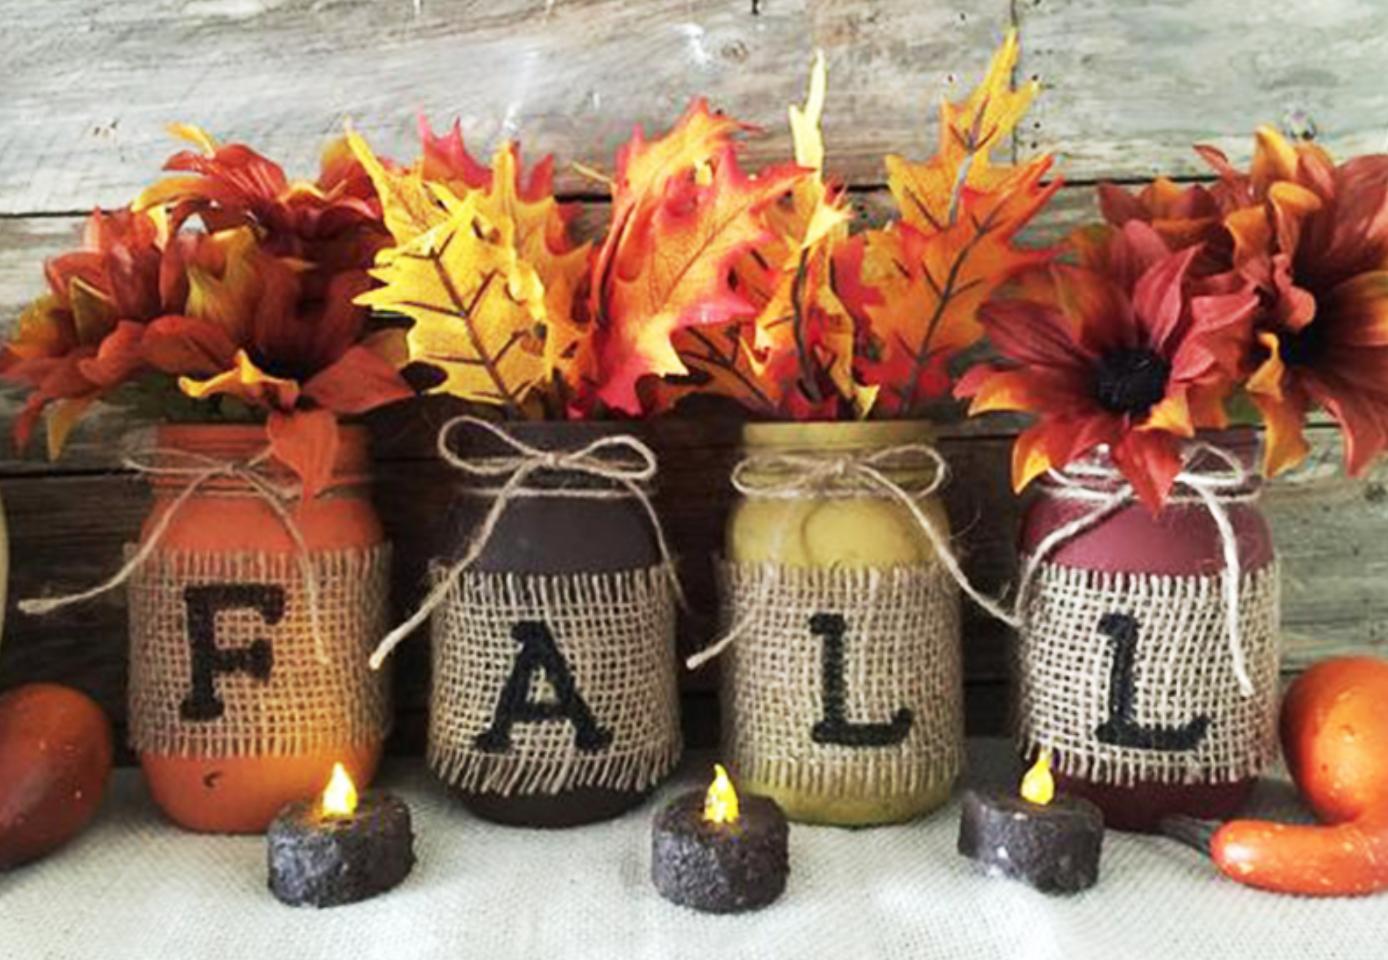 Evinizi sonbahara hazırlayacak dekorasyon önerileri